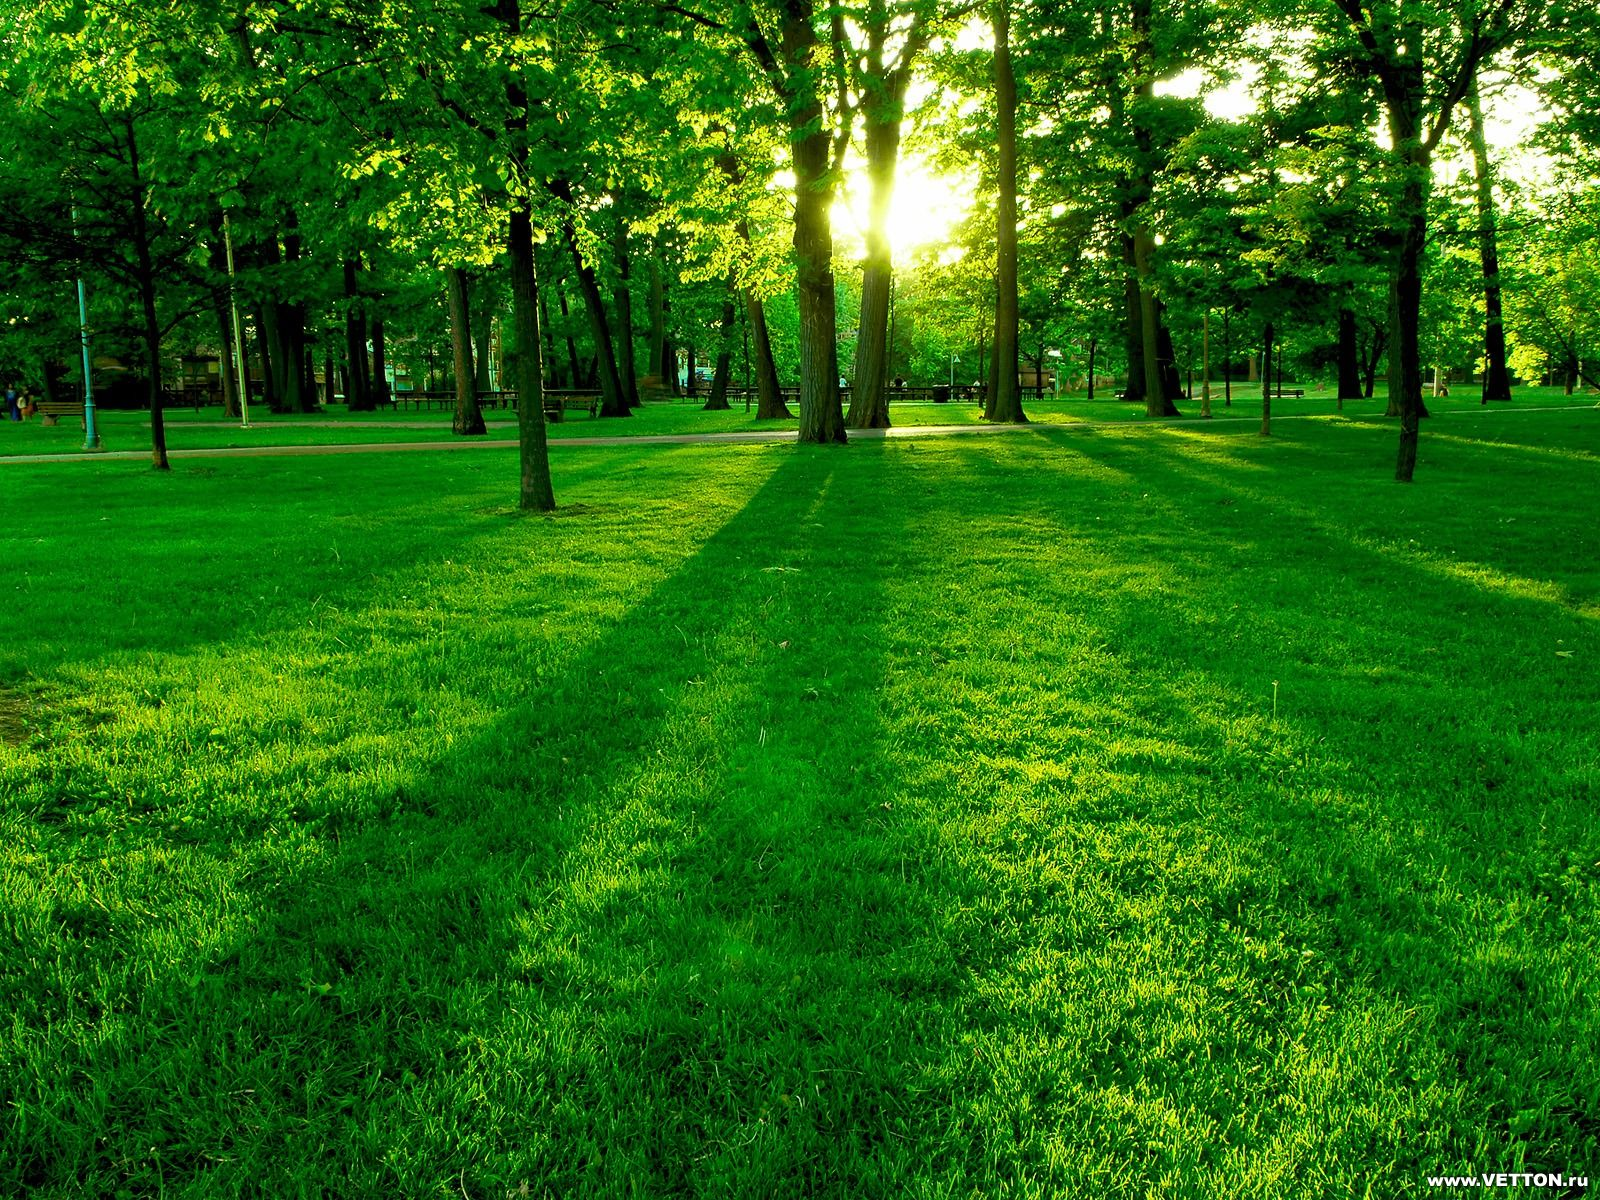 обои для рабочего стола, лес, зеленая трава, луг, красивое фото